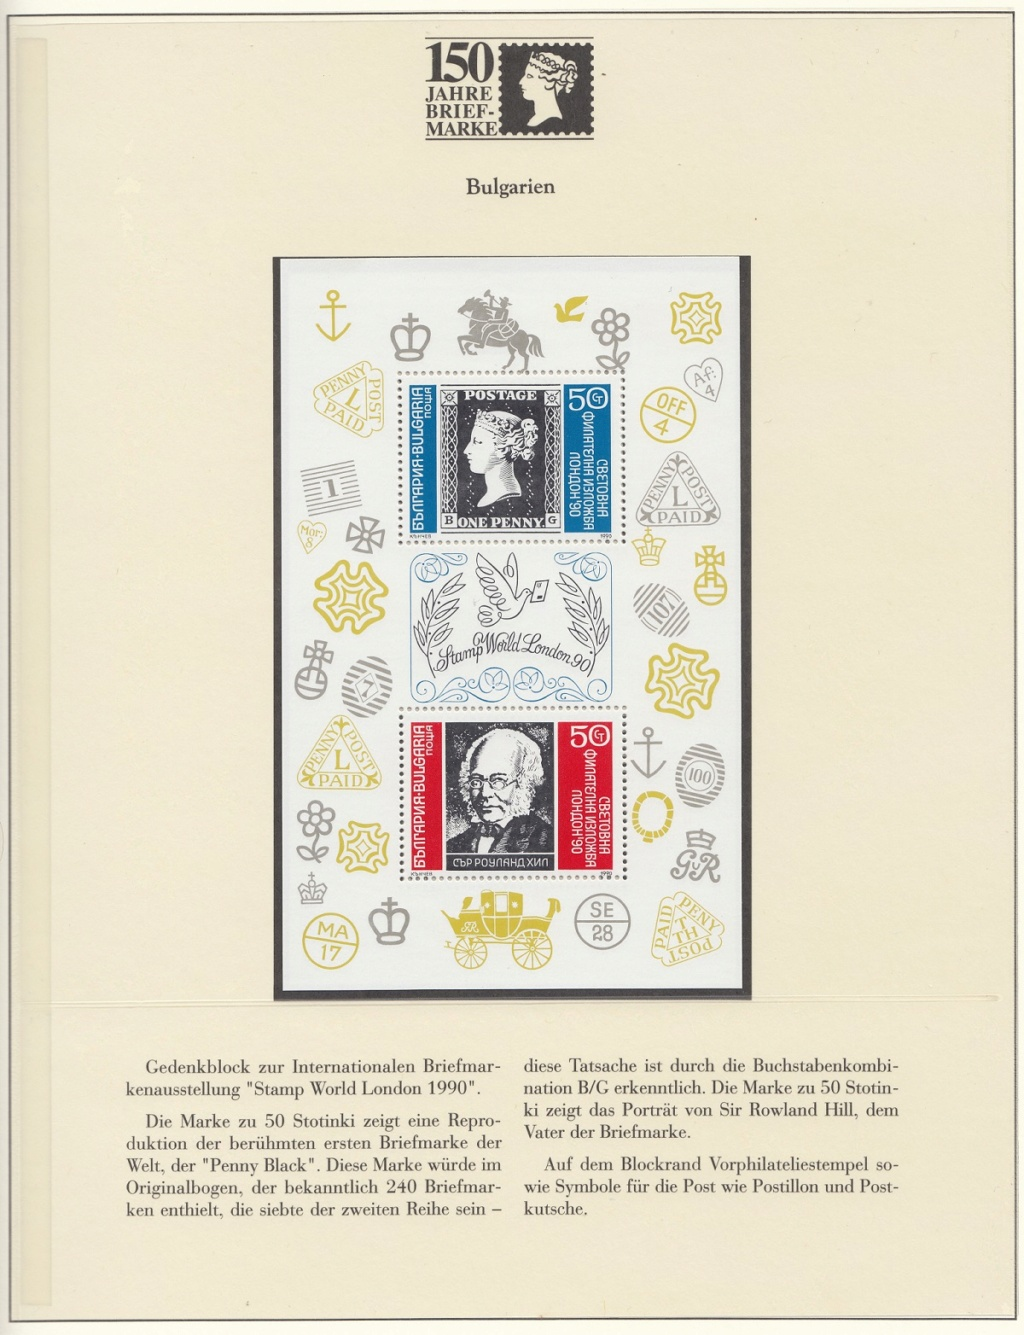 180 Jahre Briefmarke 150-1810